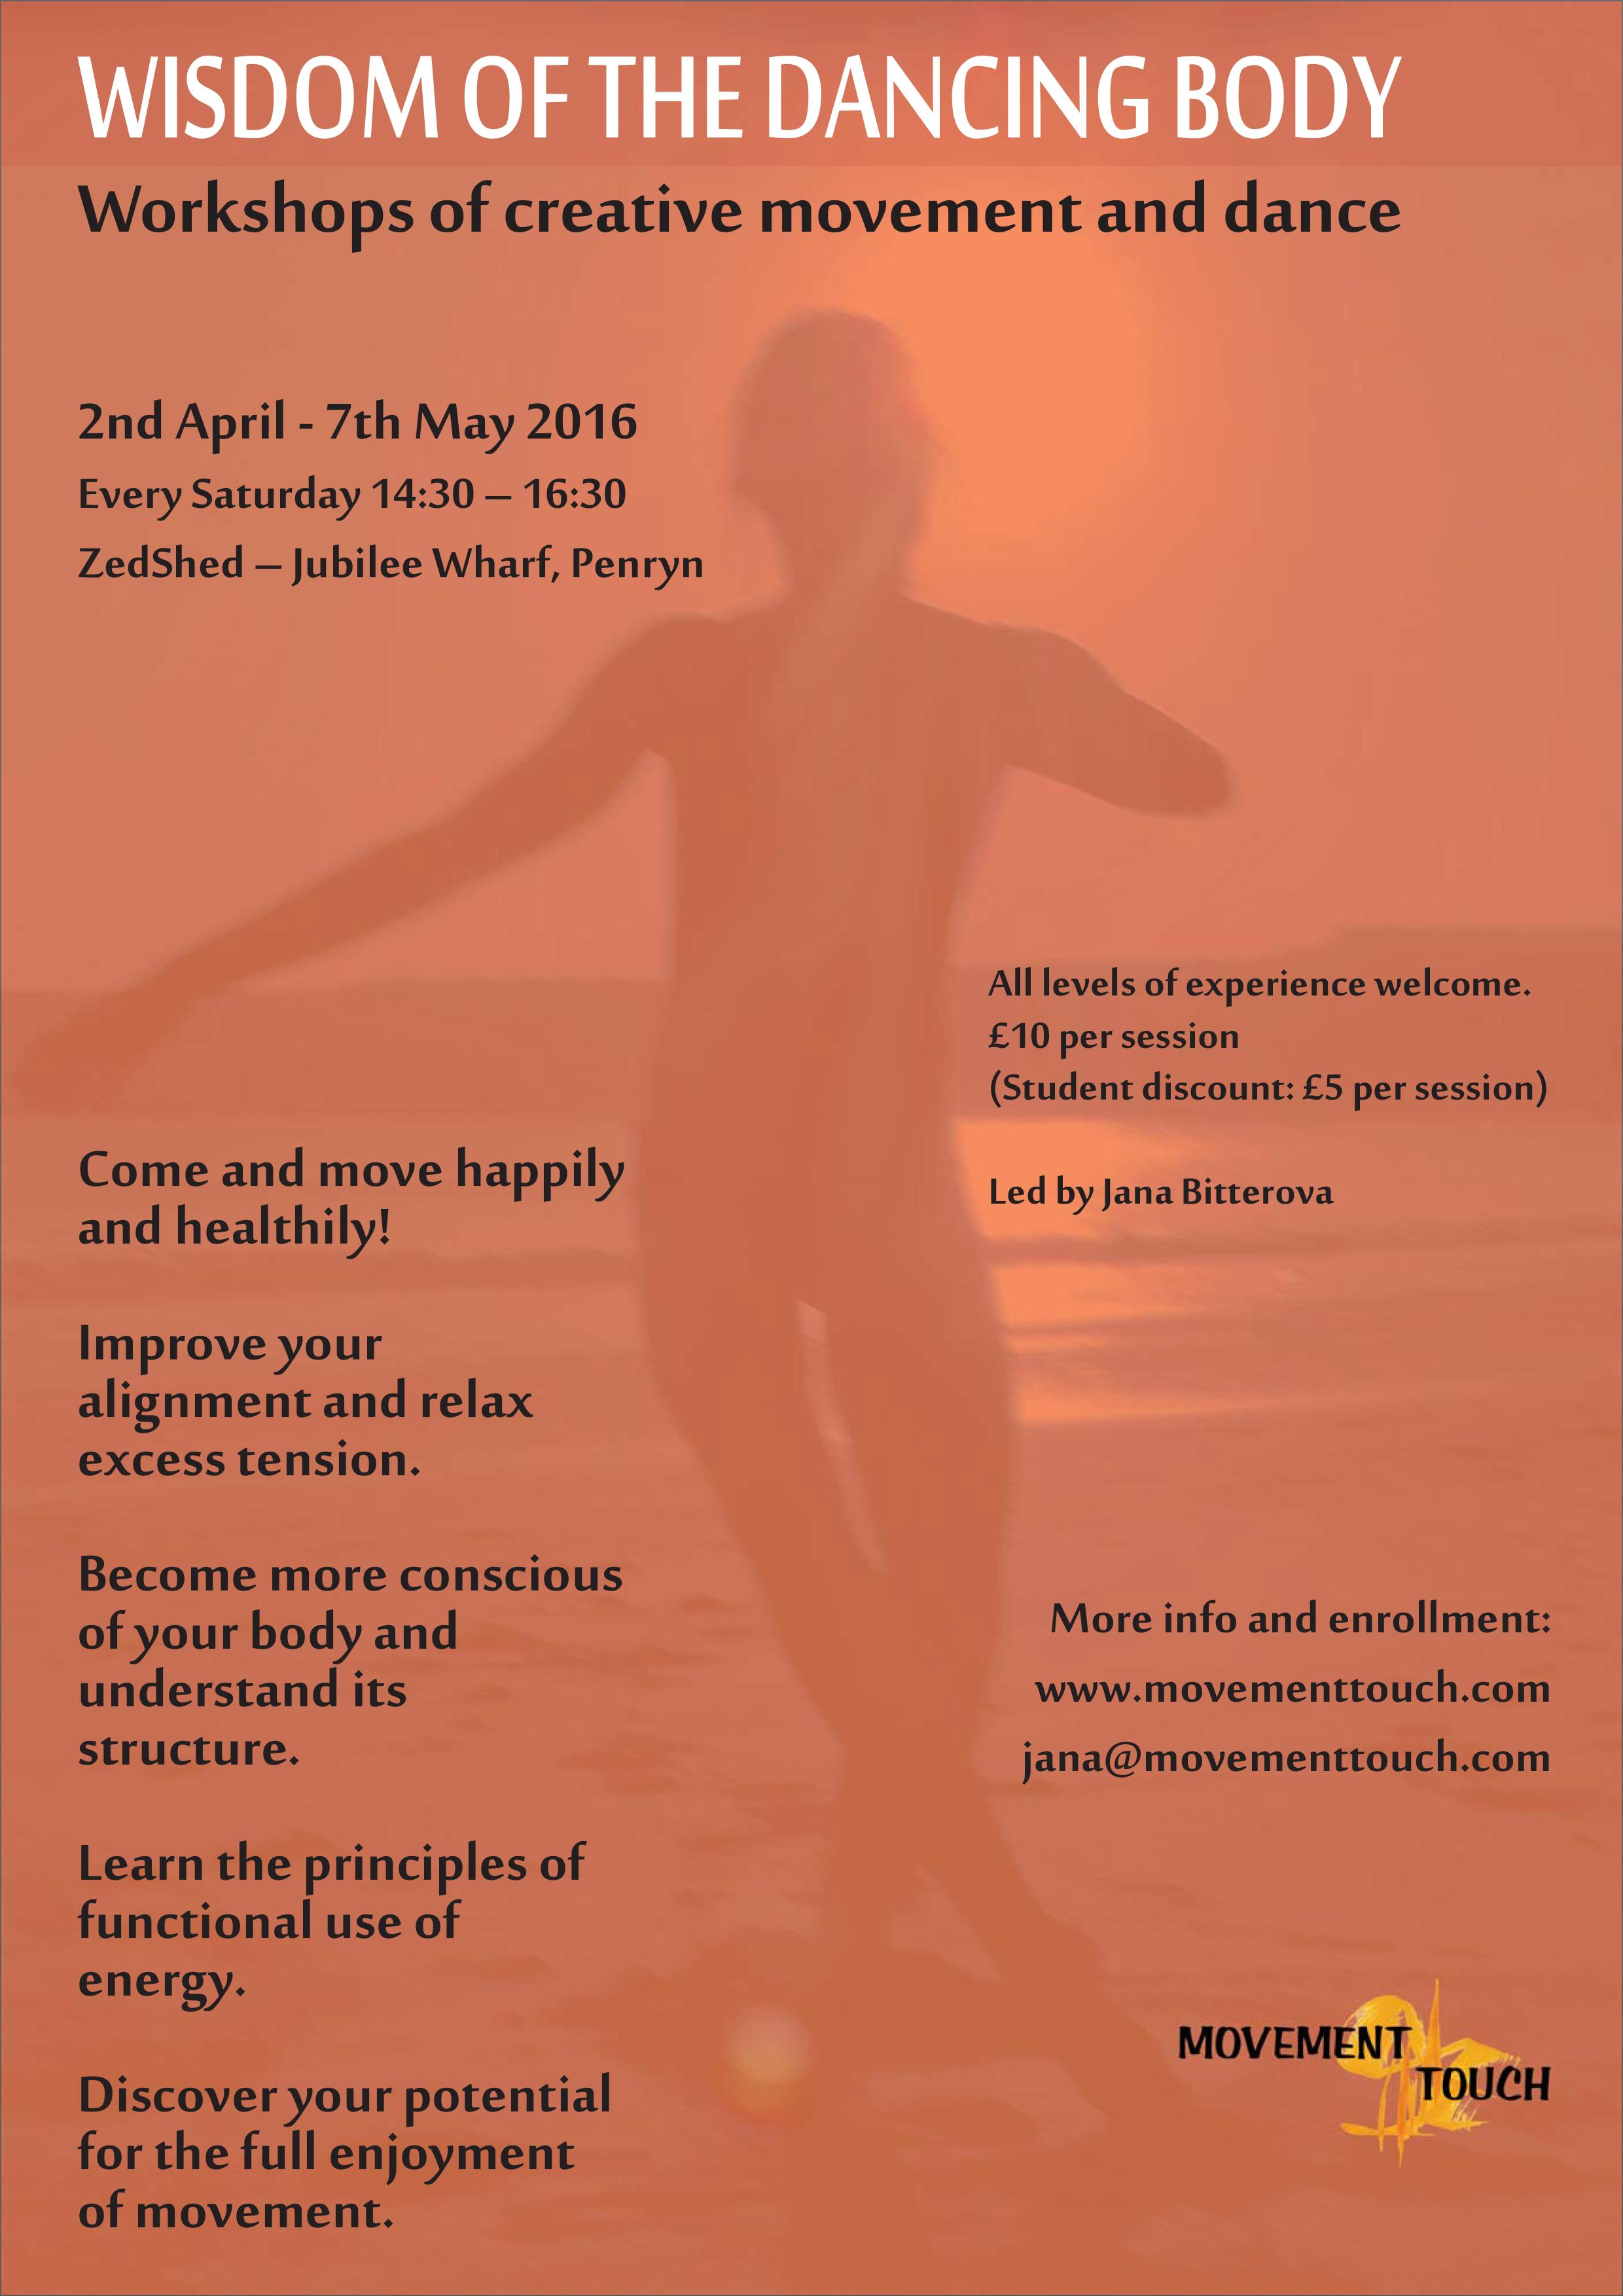 jana - zshed poster - apr 2016 - a4